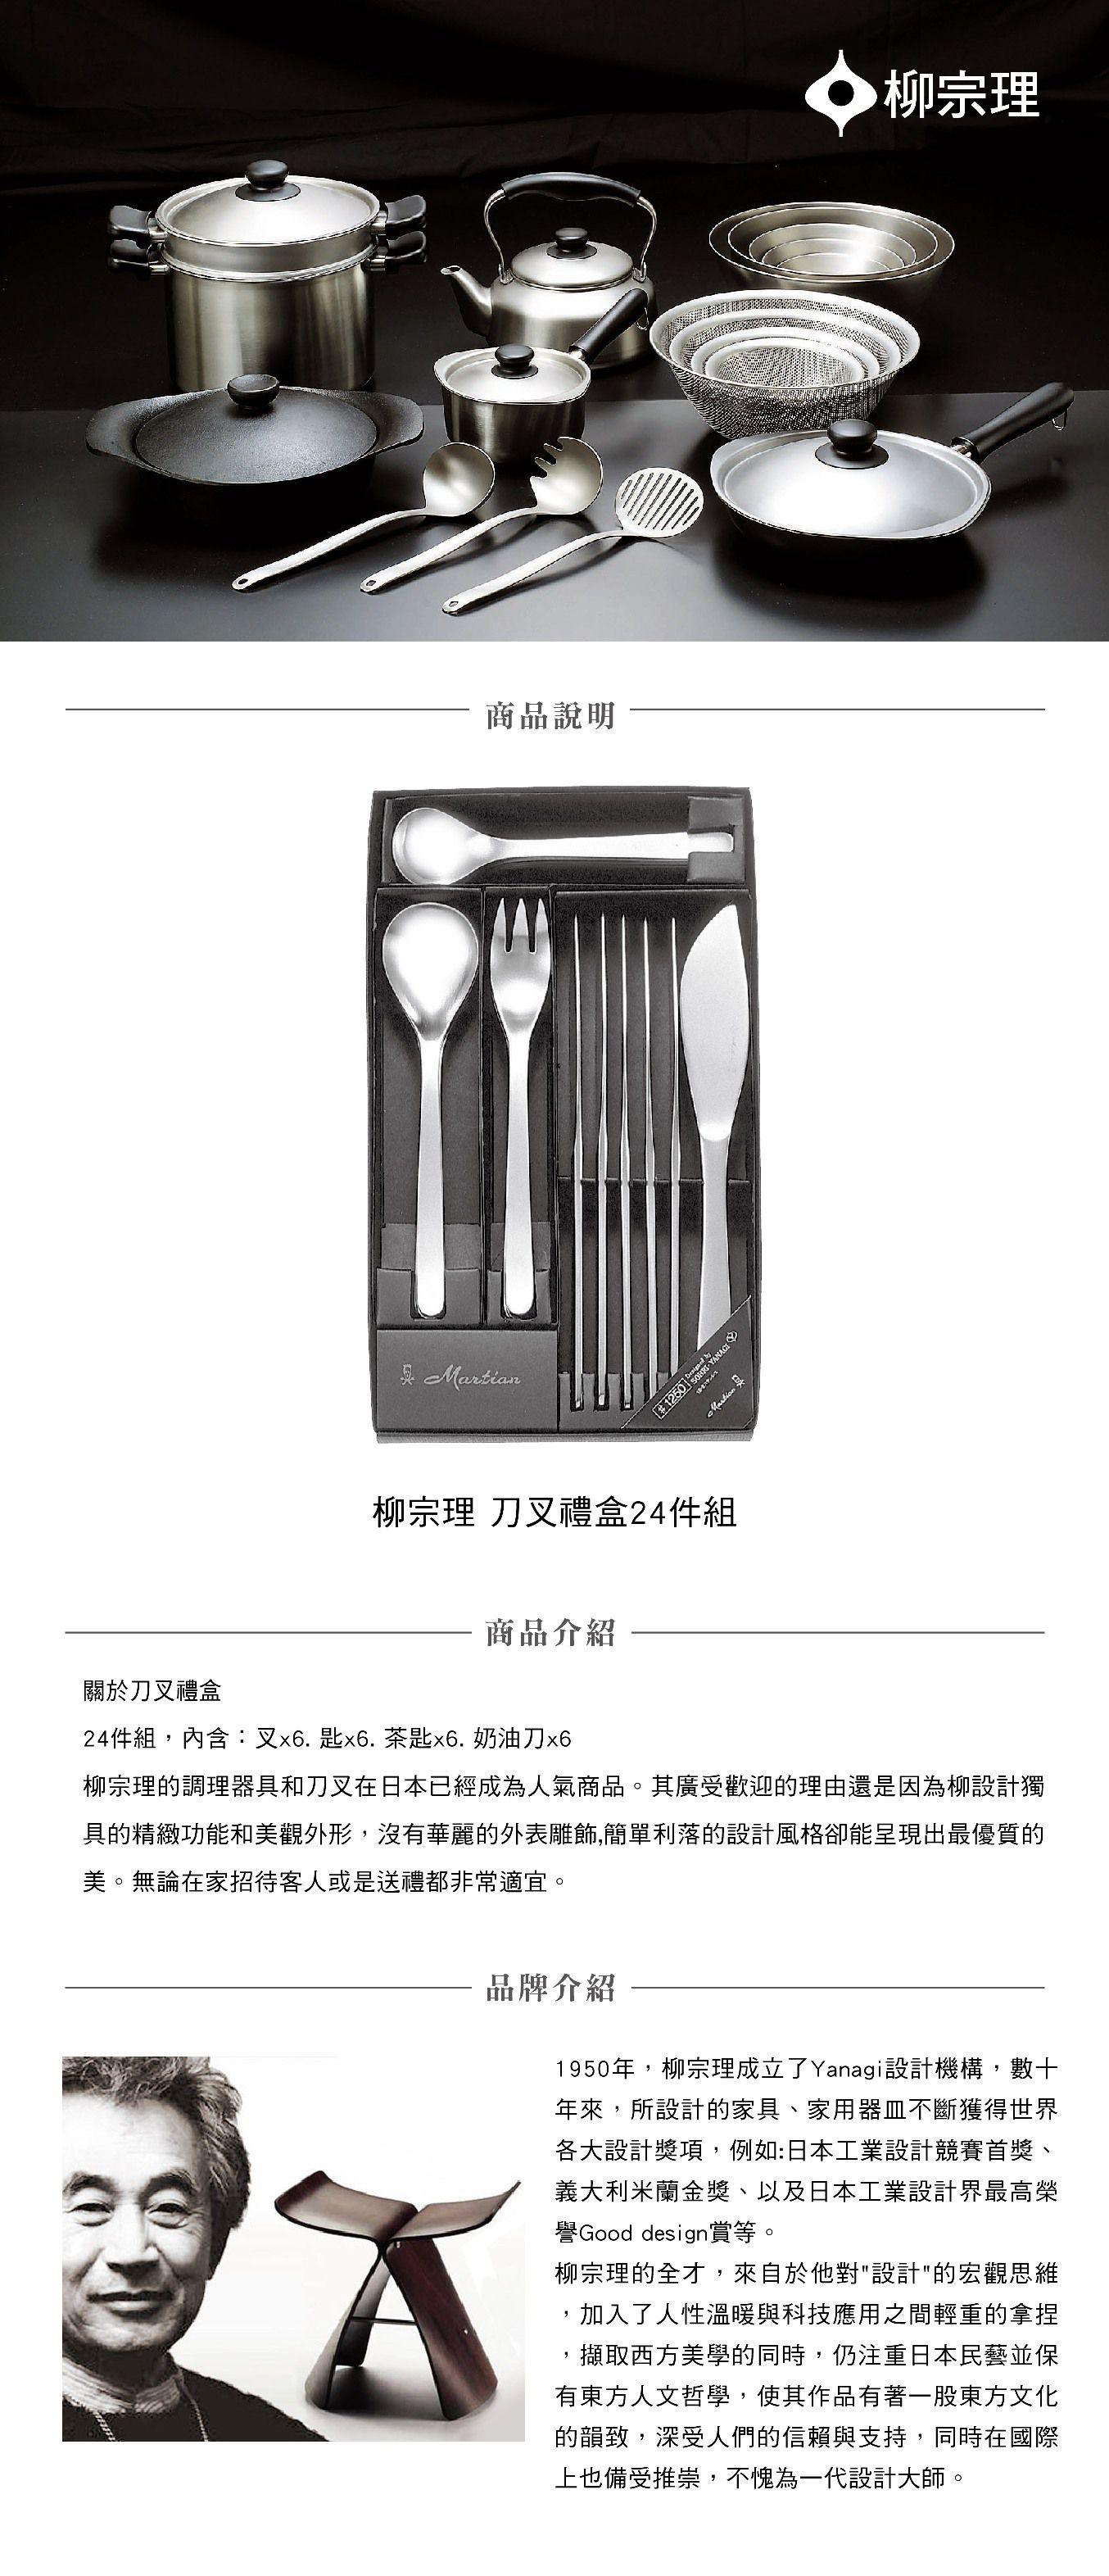 日本 柳宗理 不鏽鋼刀叉禮盒 24入組 (6刀6叉6匙6茶匙)